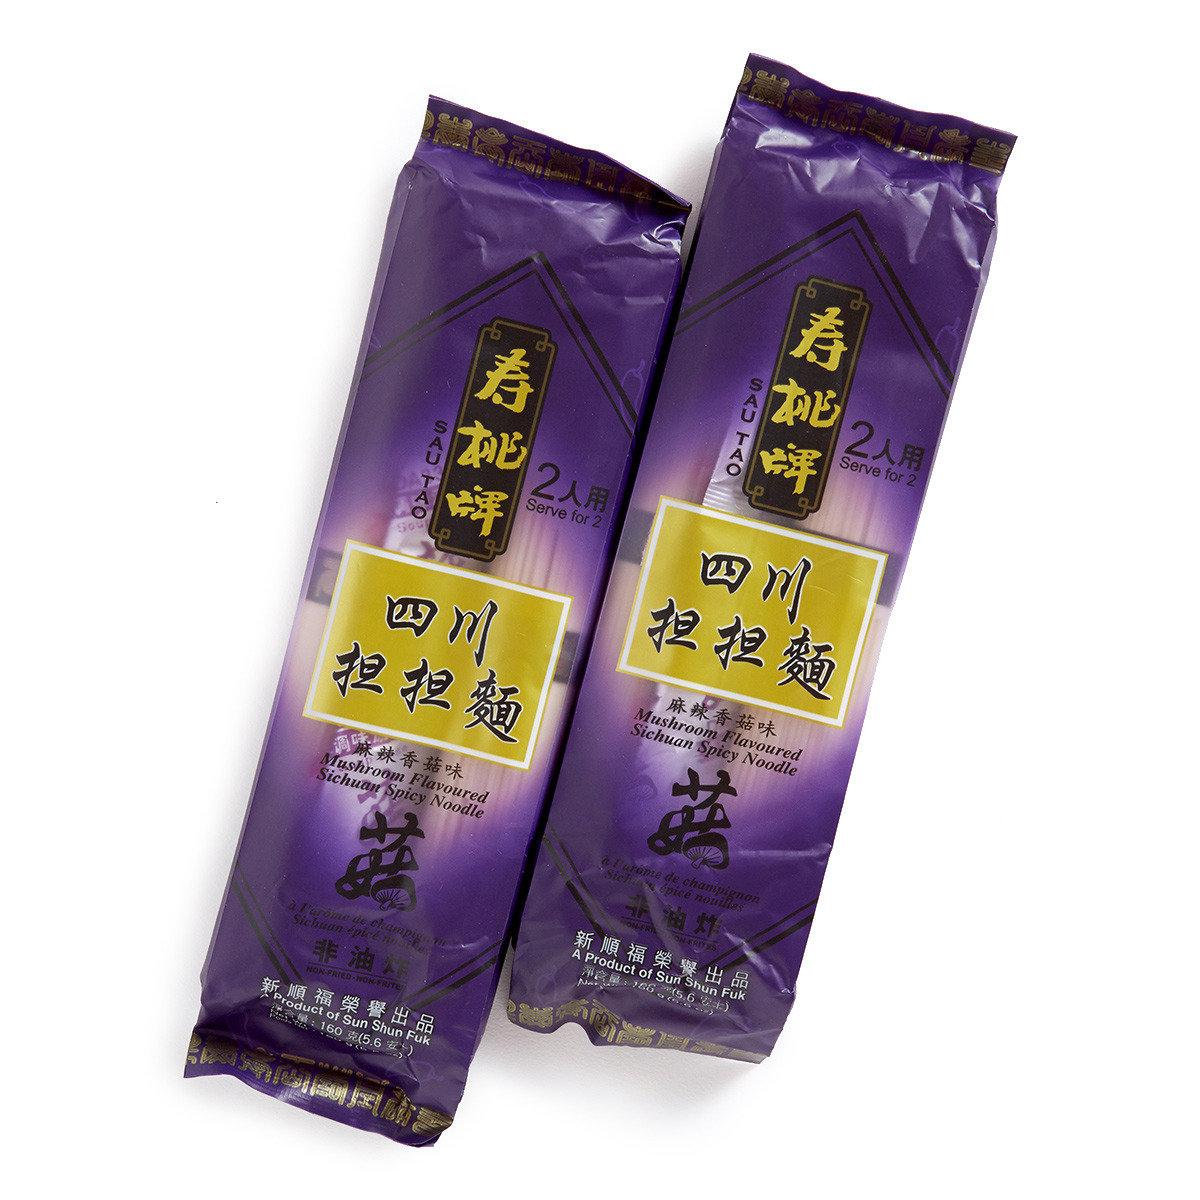 四川擔擔麵面 - 麻辣香菇味